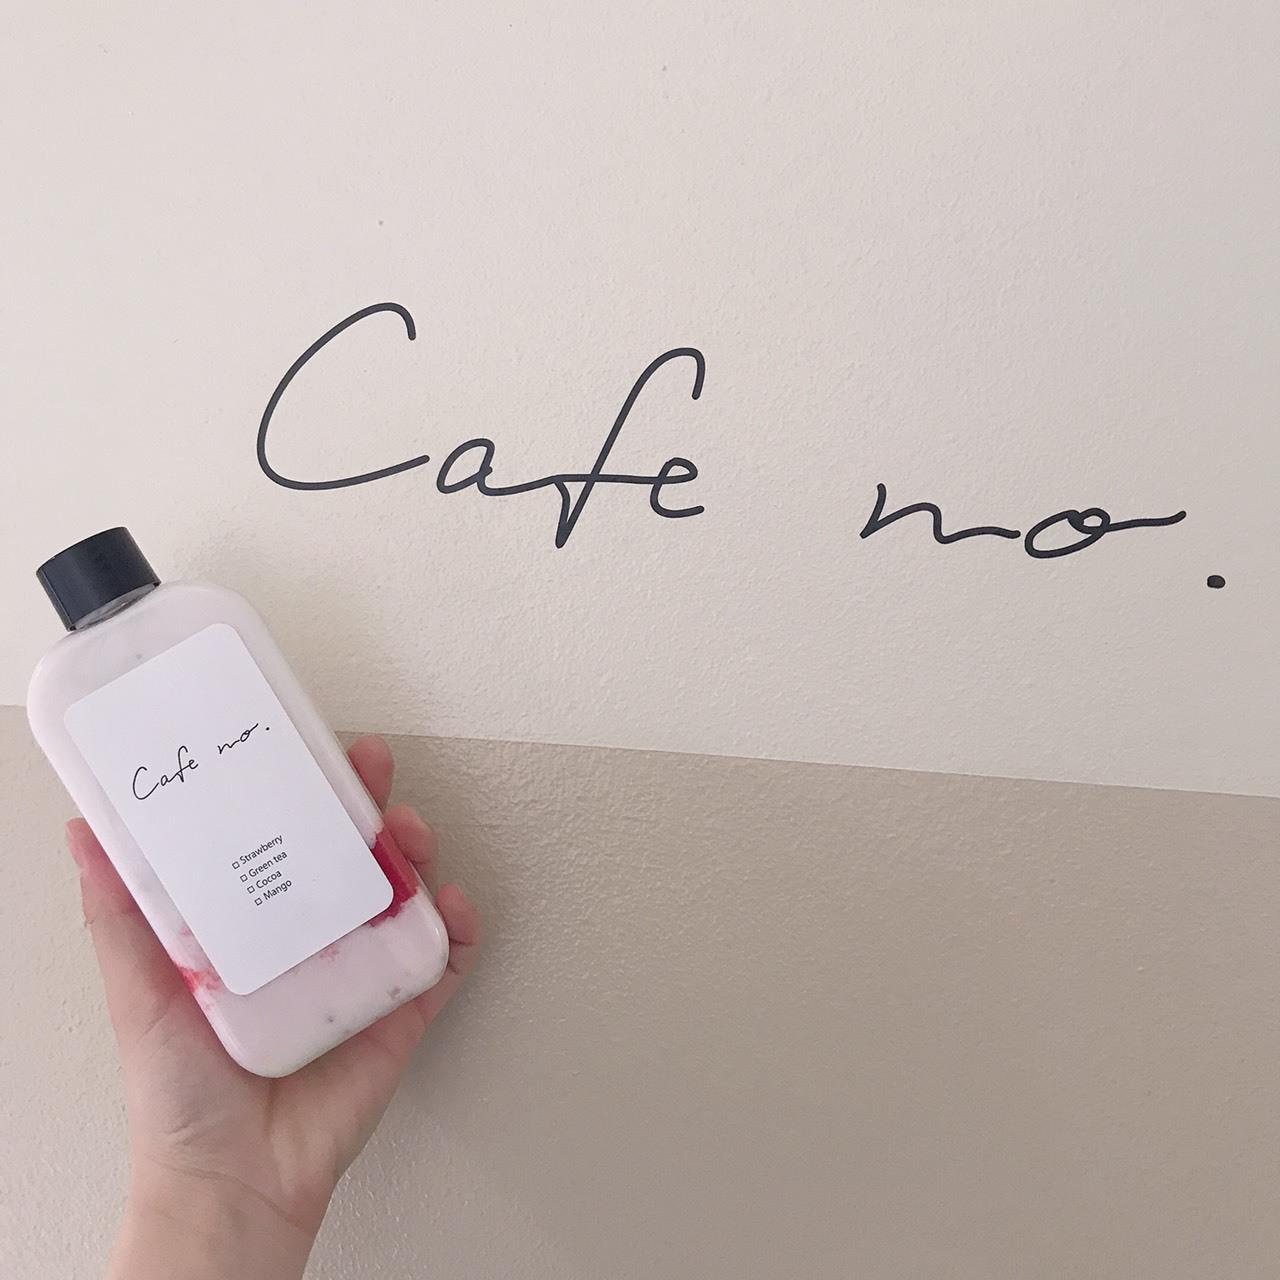 【福岡のインスタ映えカフェ】その2♡_1_3